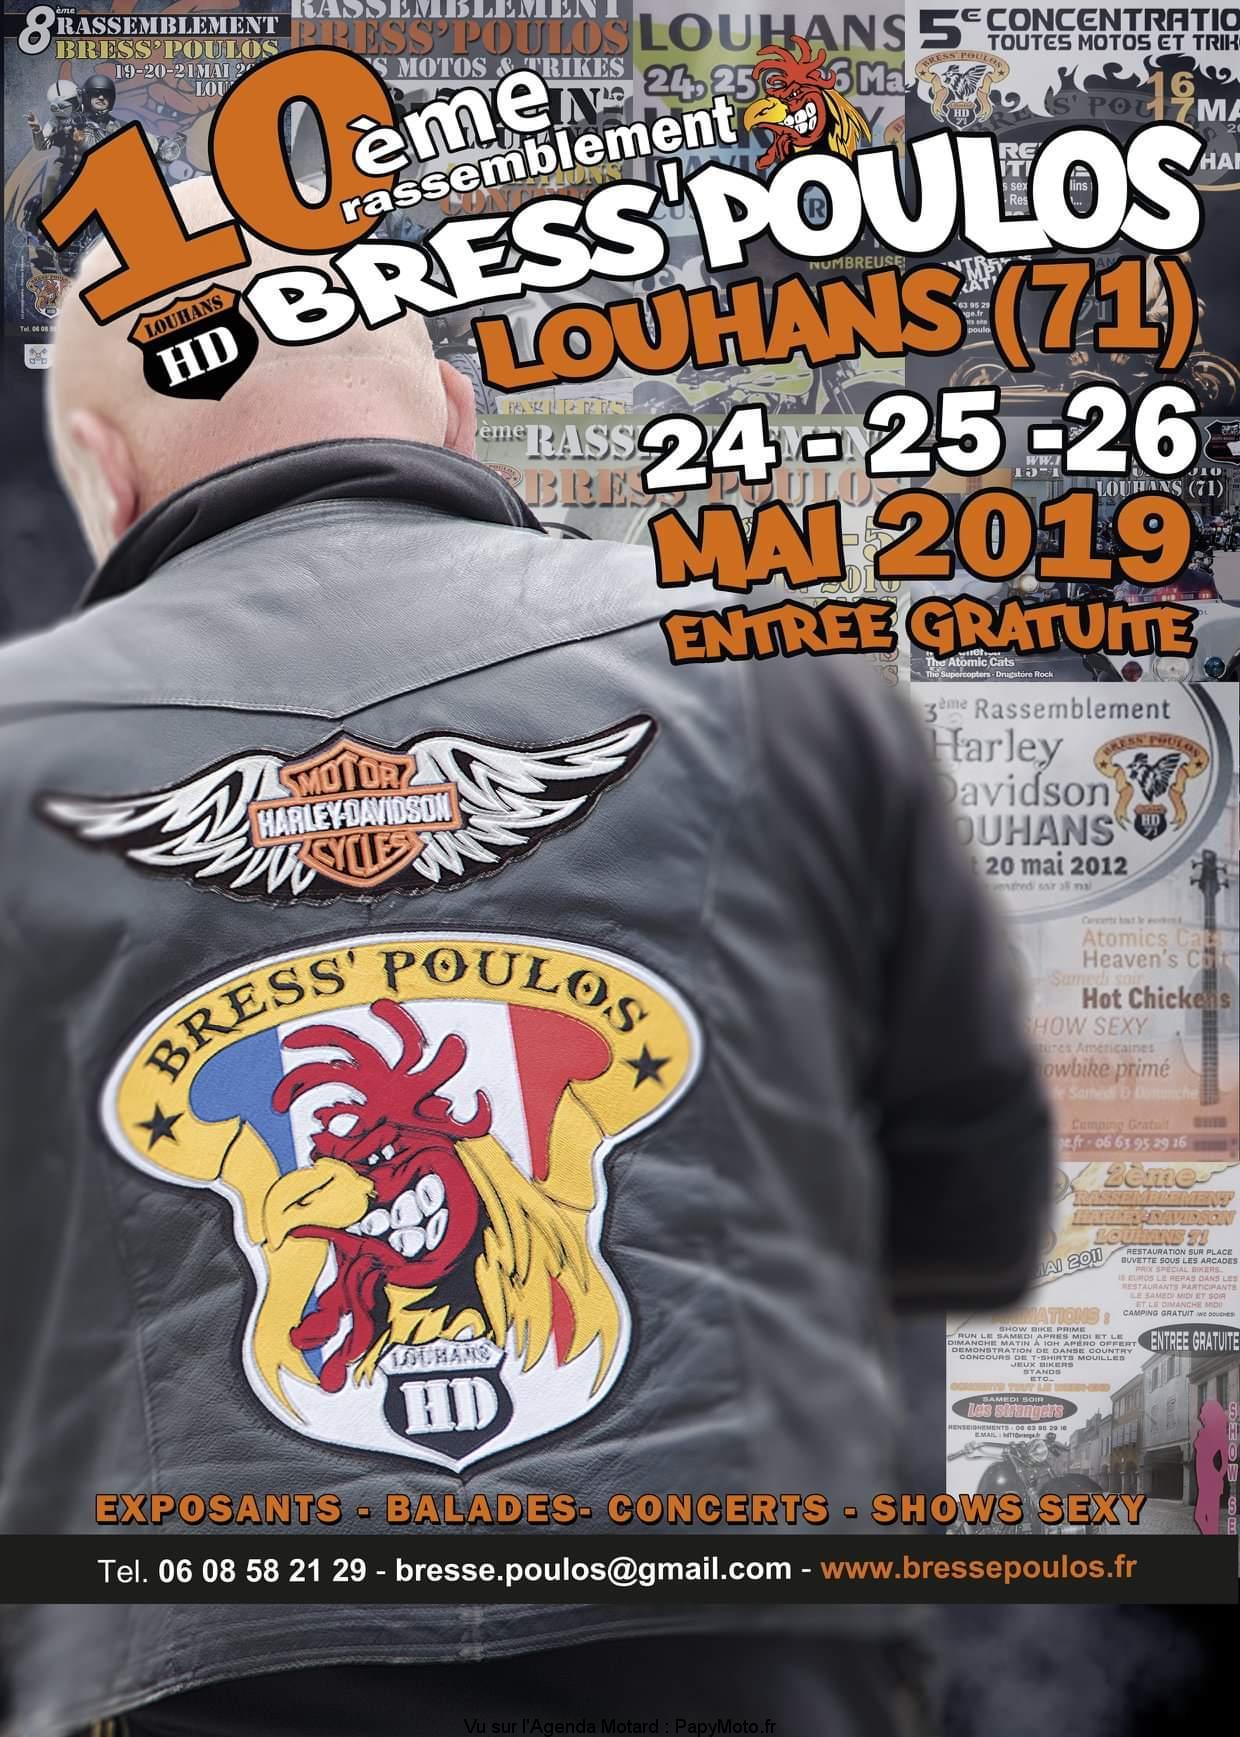 10e Rassemblement Bress'Poulos – Louhans (71)